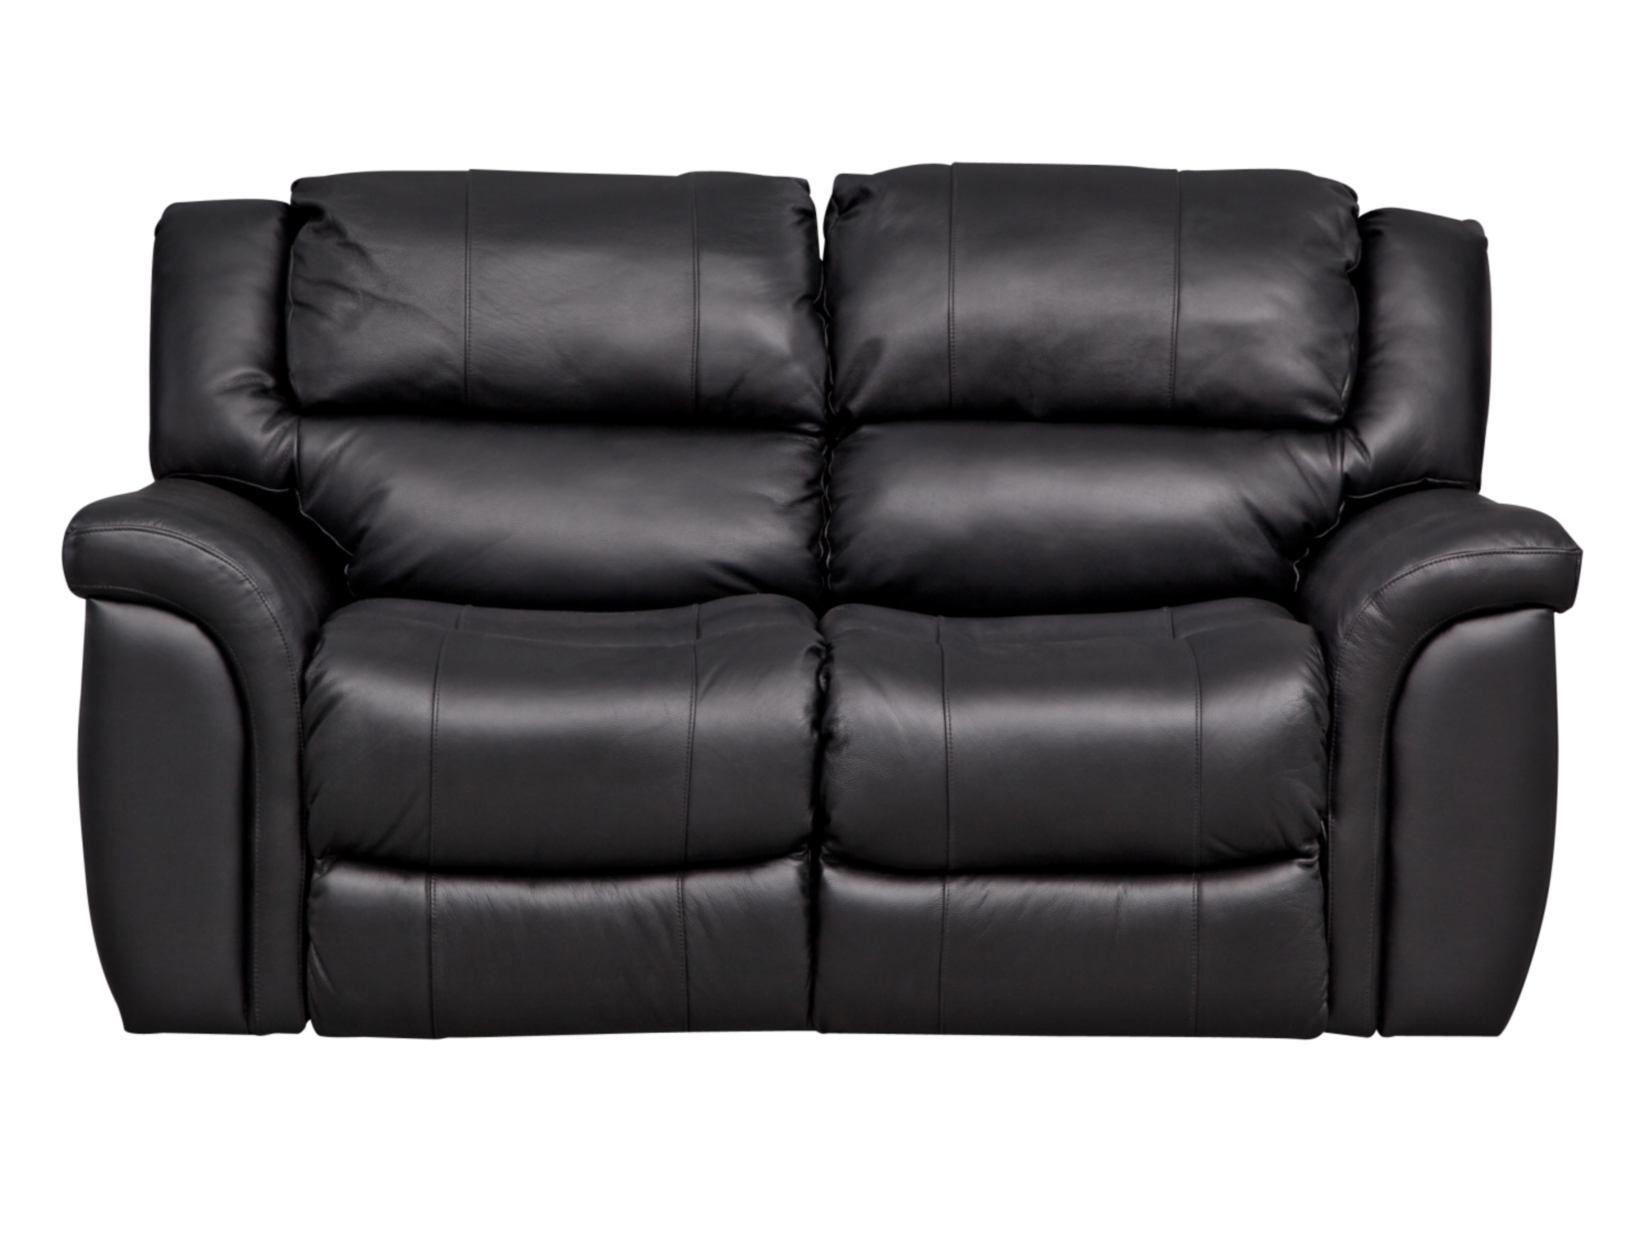 Aquarius Black Power Reclining Loveseat Value City Furniture Value City Furniture City Furniture Furniture